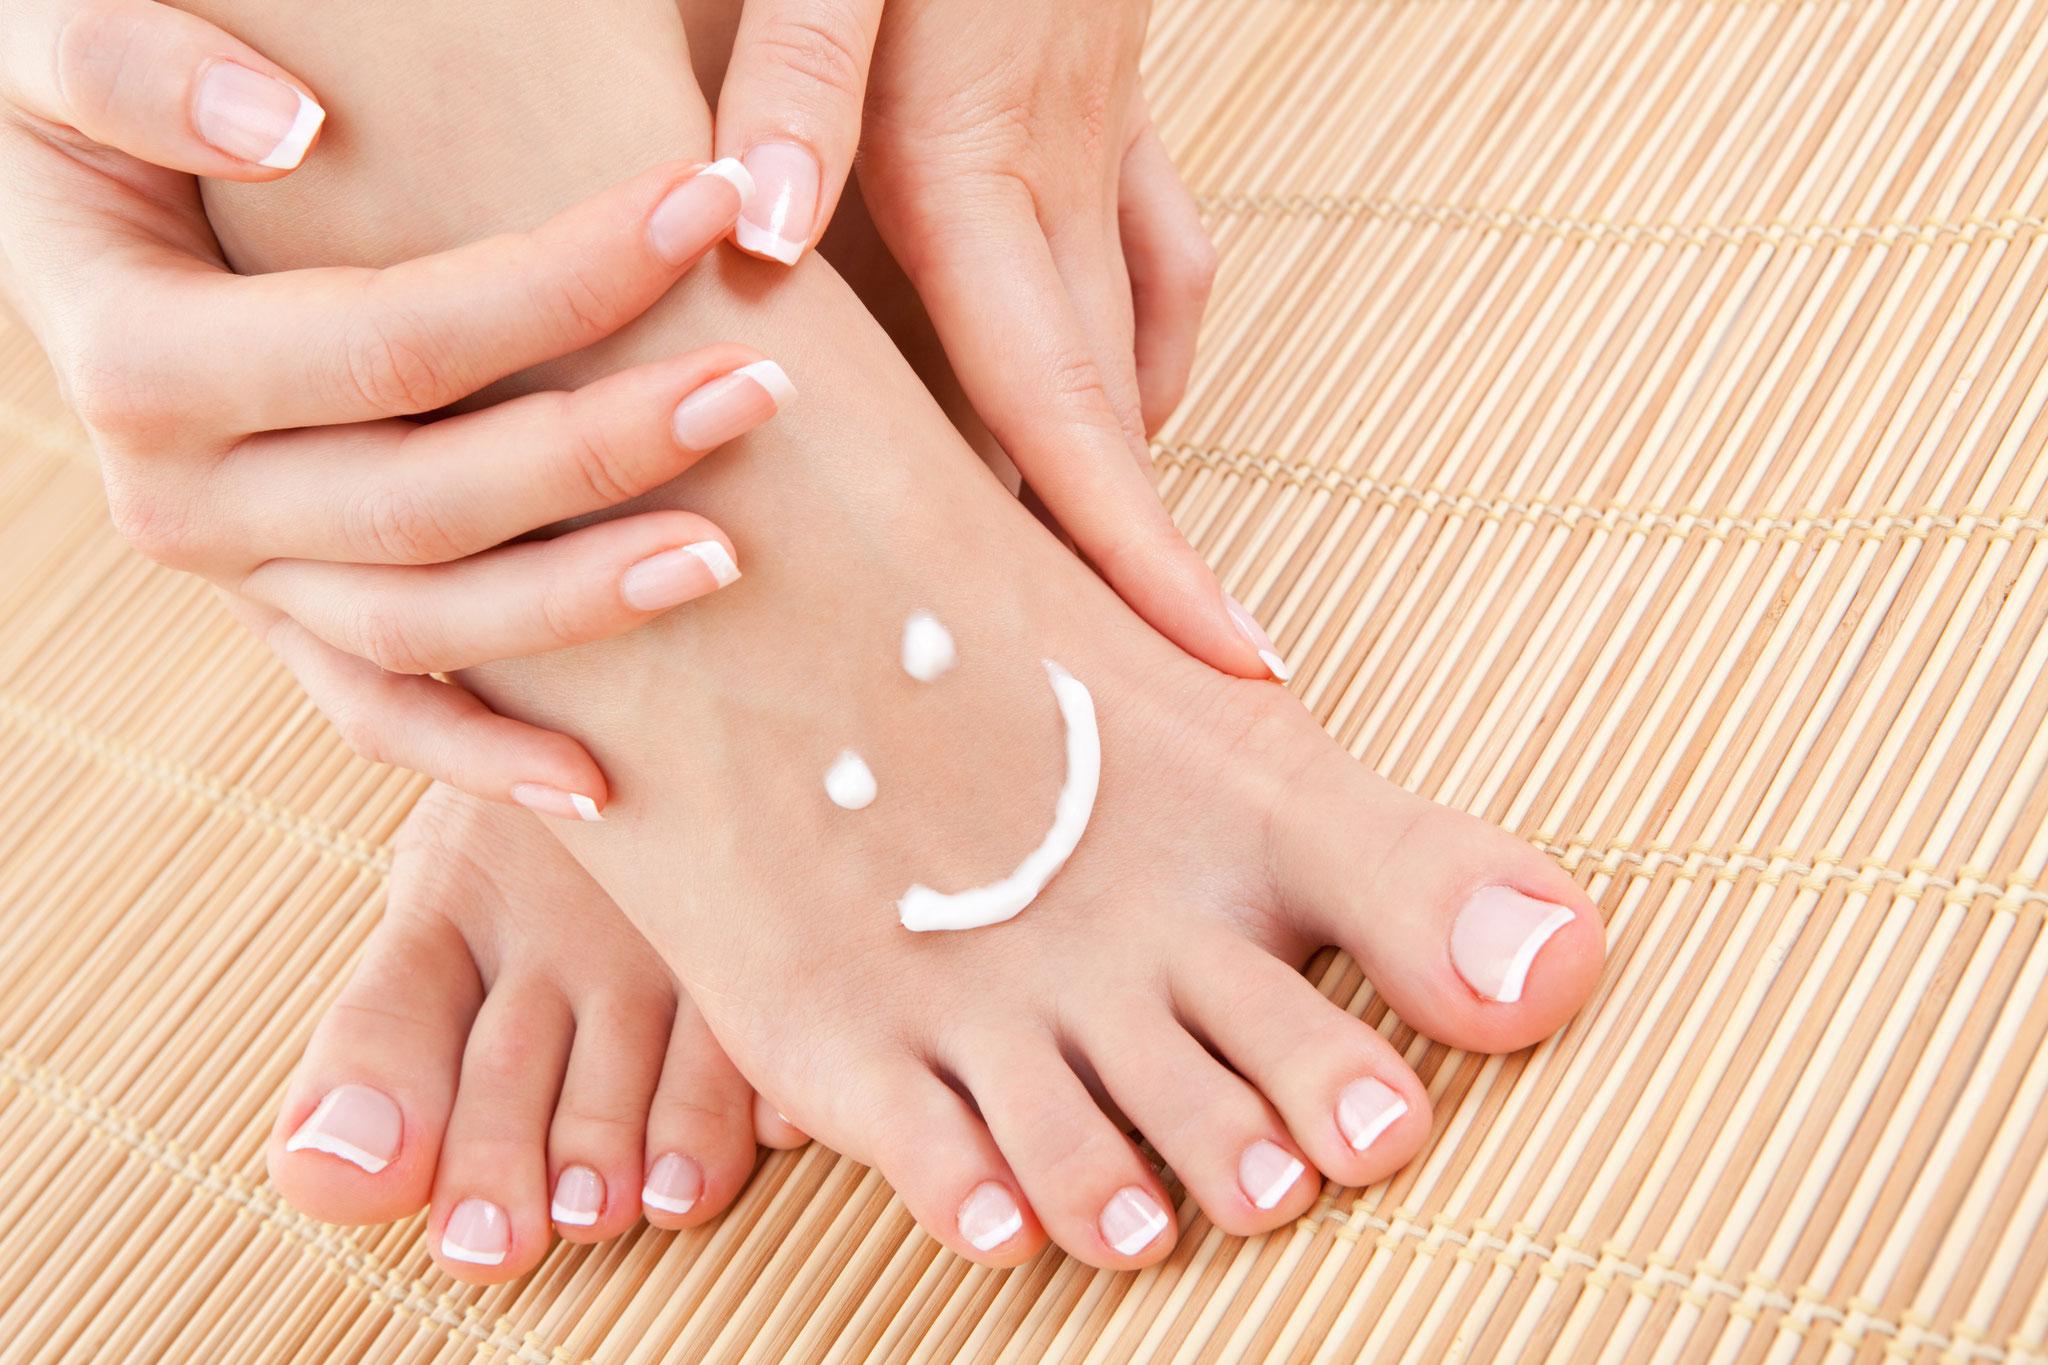 サンダル焼けしやすい足の甲もルルールで美白に。